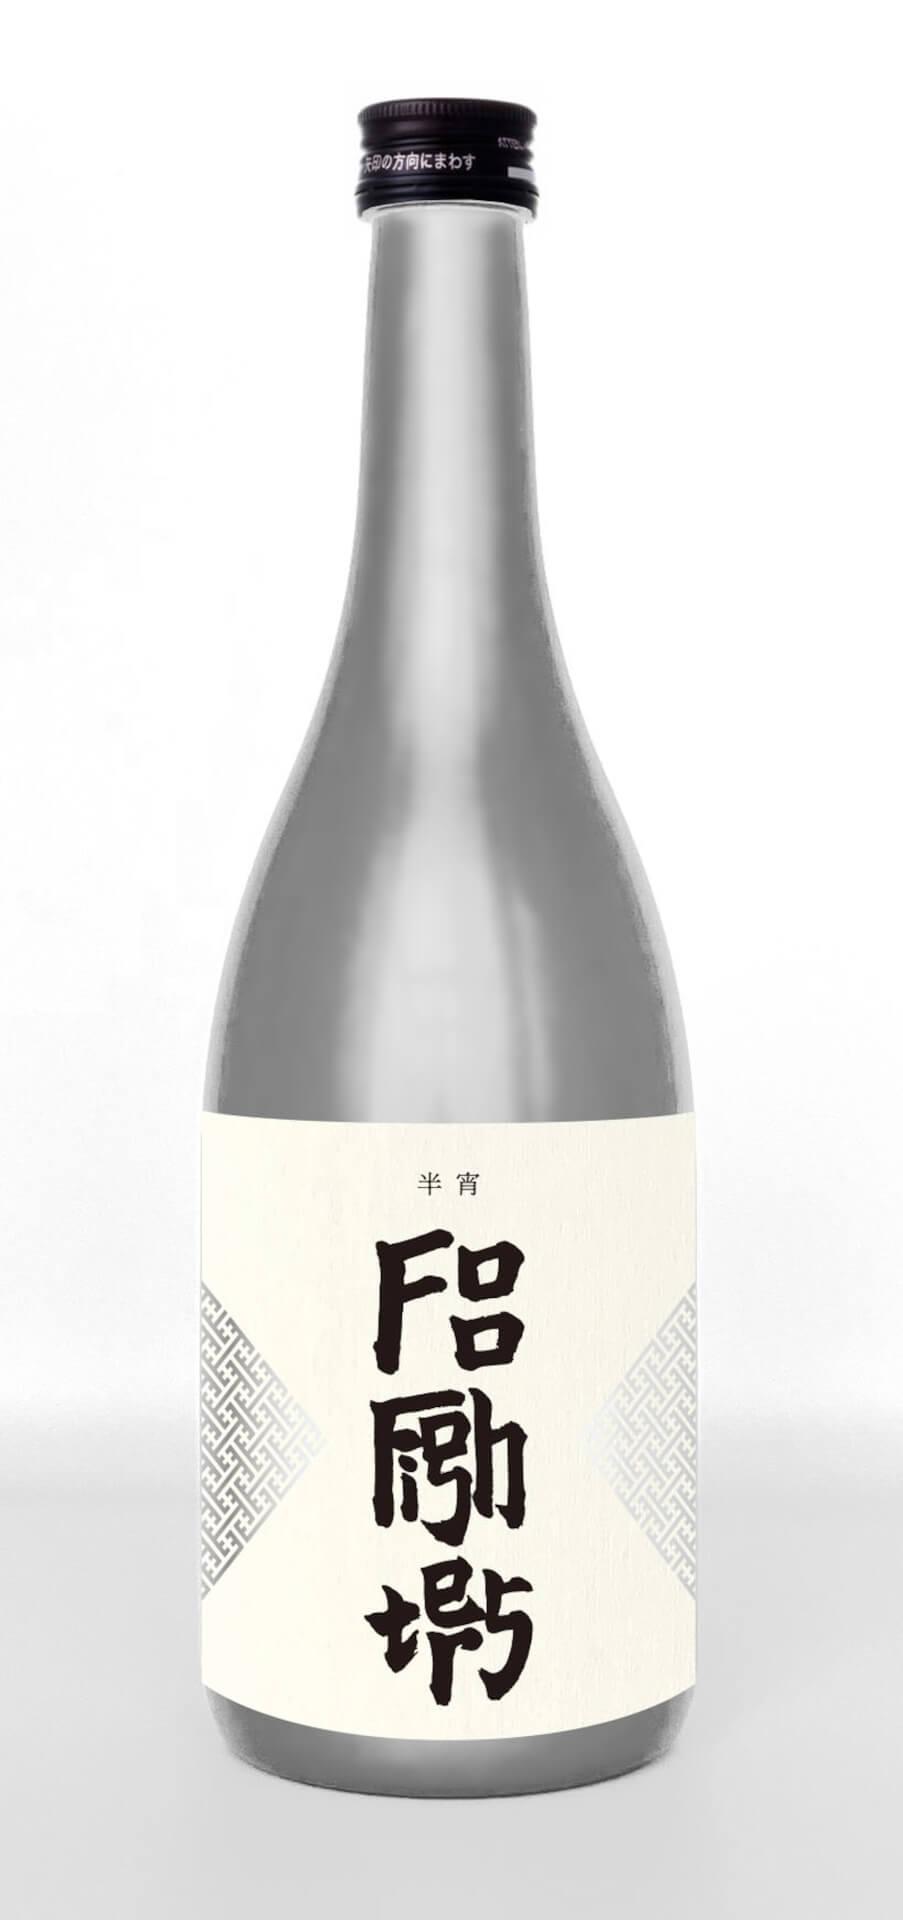 フー・ファイターズがオリジナル日本酒「半宵」をニューアルバムと同時リリース!楯の川酒造とコラボした純米大吟醸酒2種が限定発売 music21113_foofighters_hansyo_8